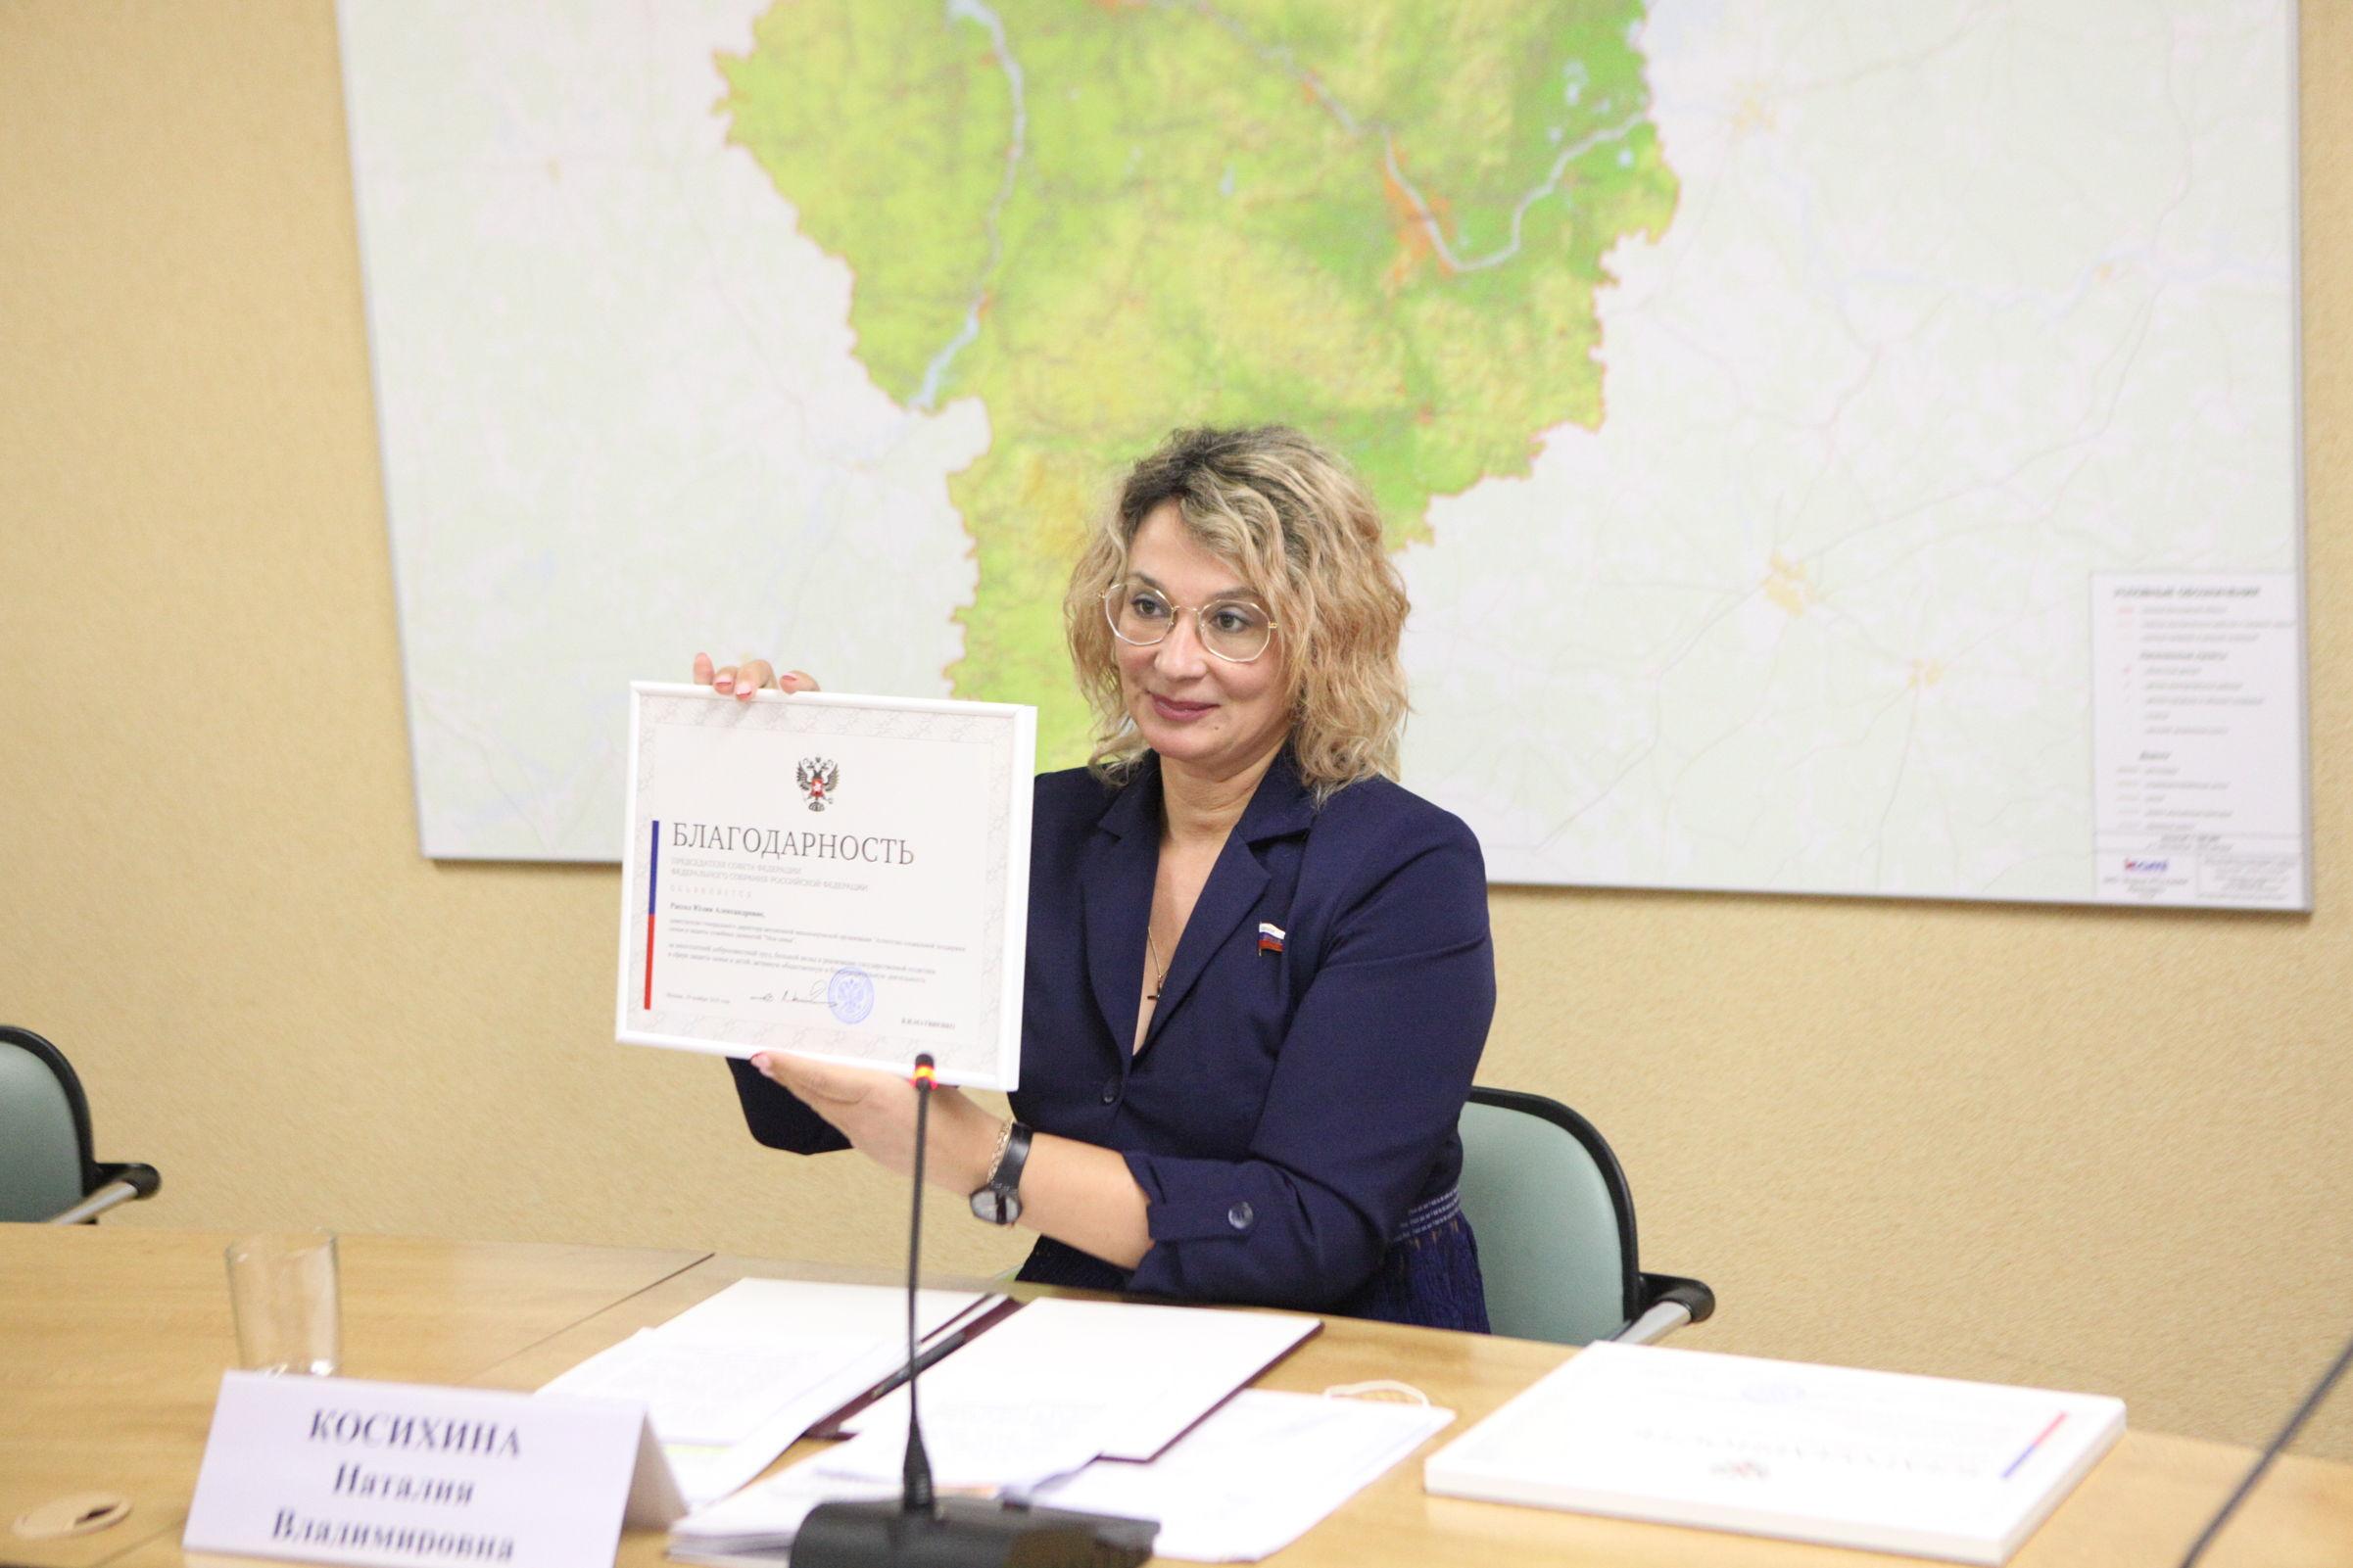 Современные подходы к выявлению и сопровождению одаренных детей обсудили в правительстве области